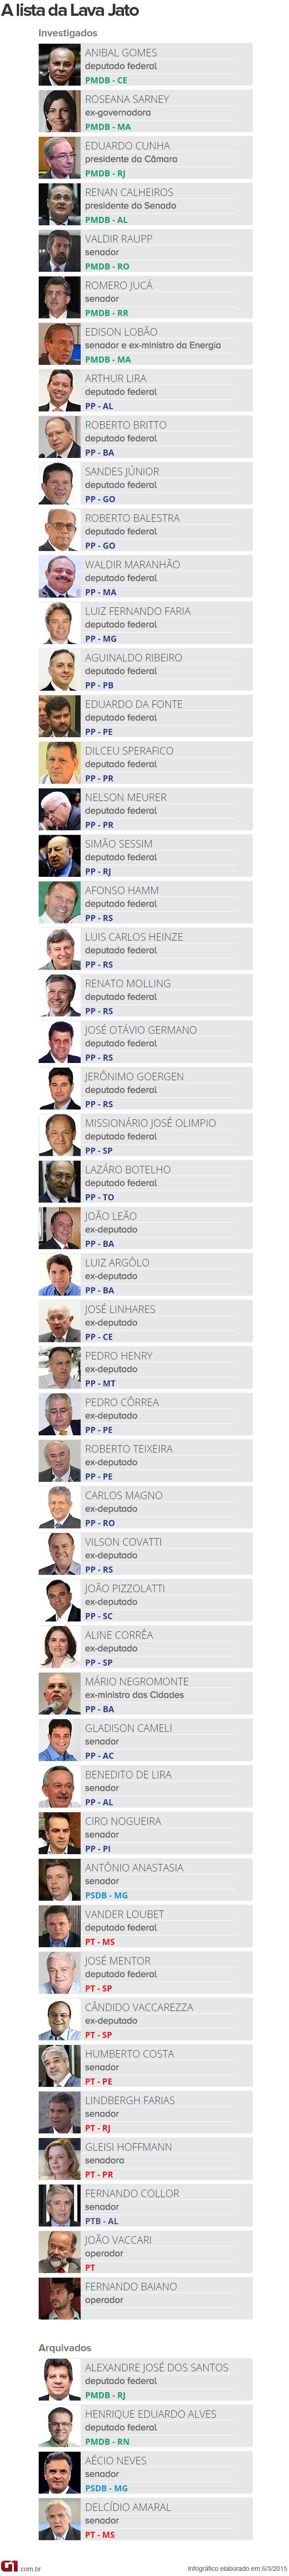 Lista dos políticos investigados na Operação Lava Jato (Foto: Editoria de Arte / G1)